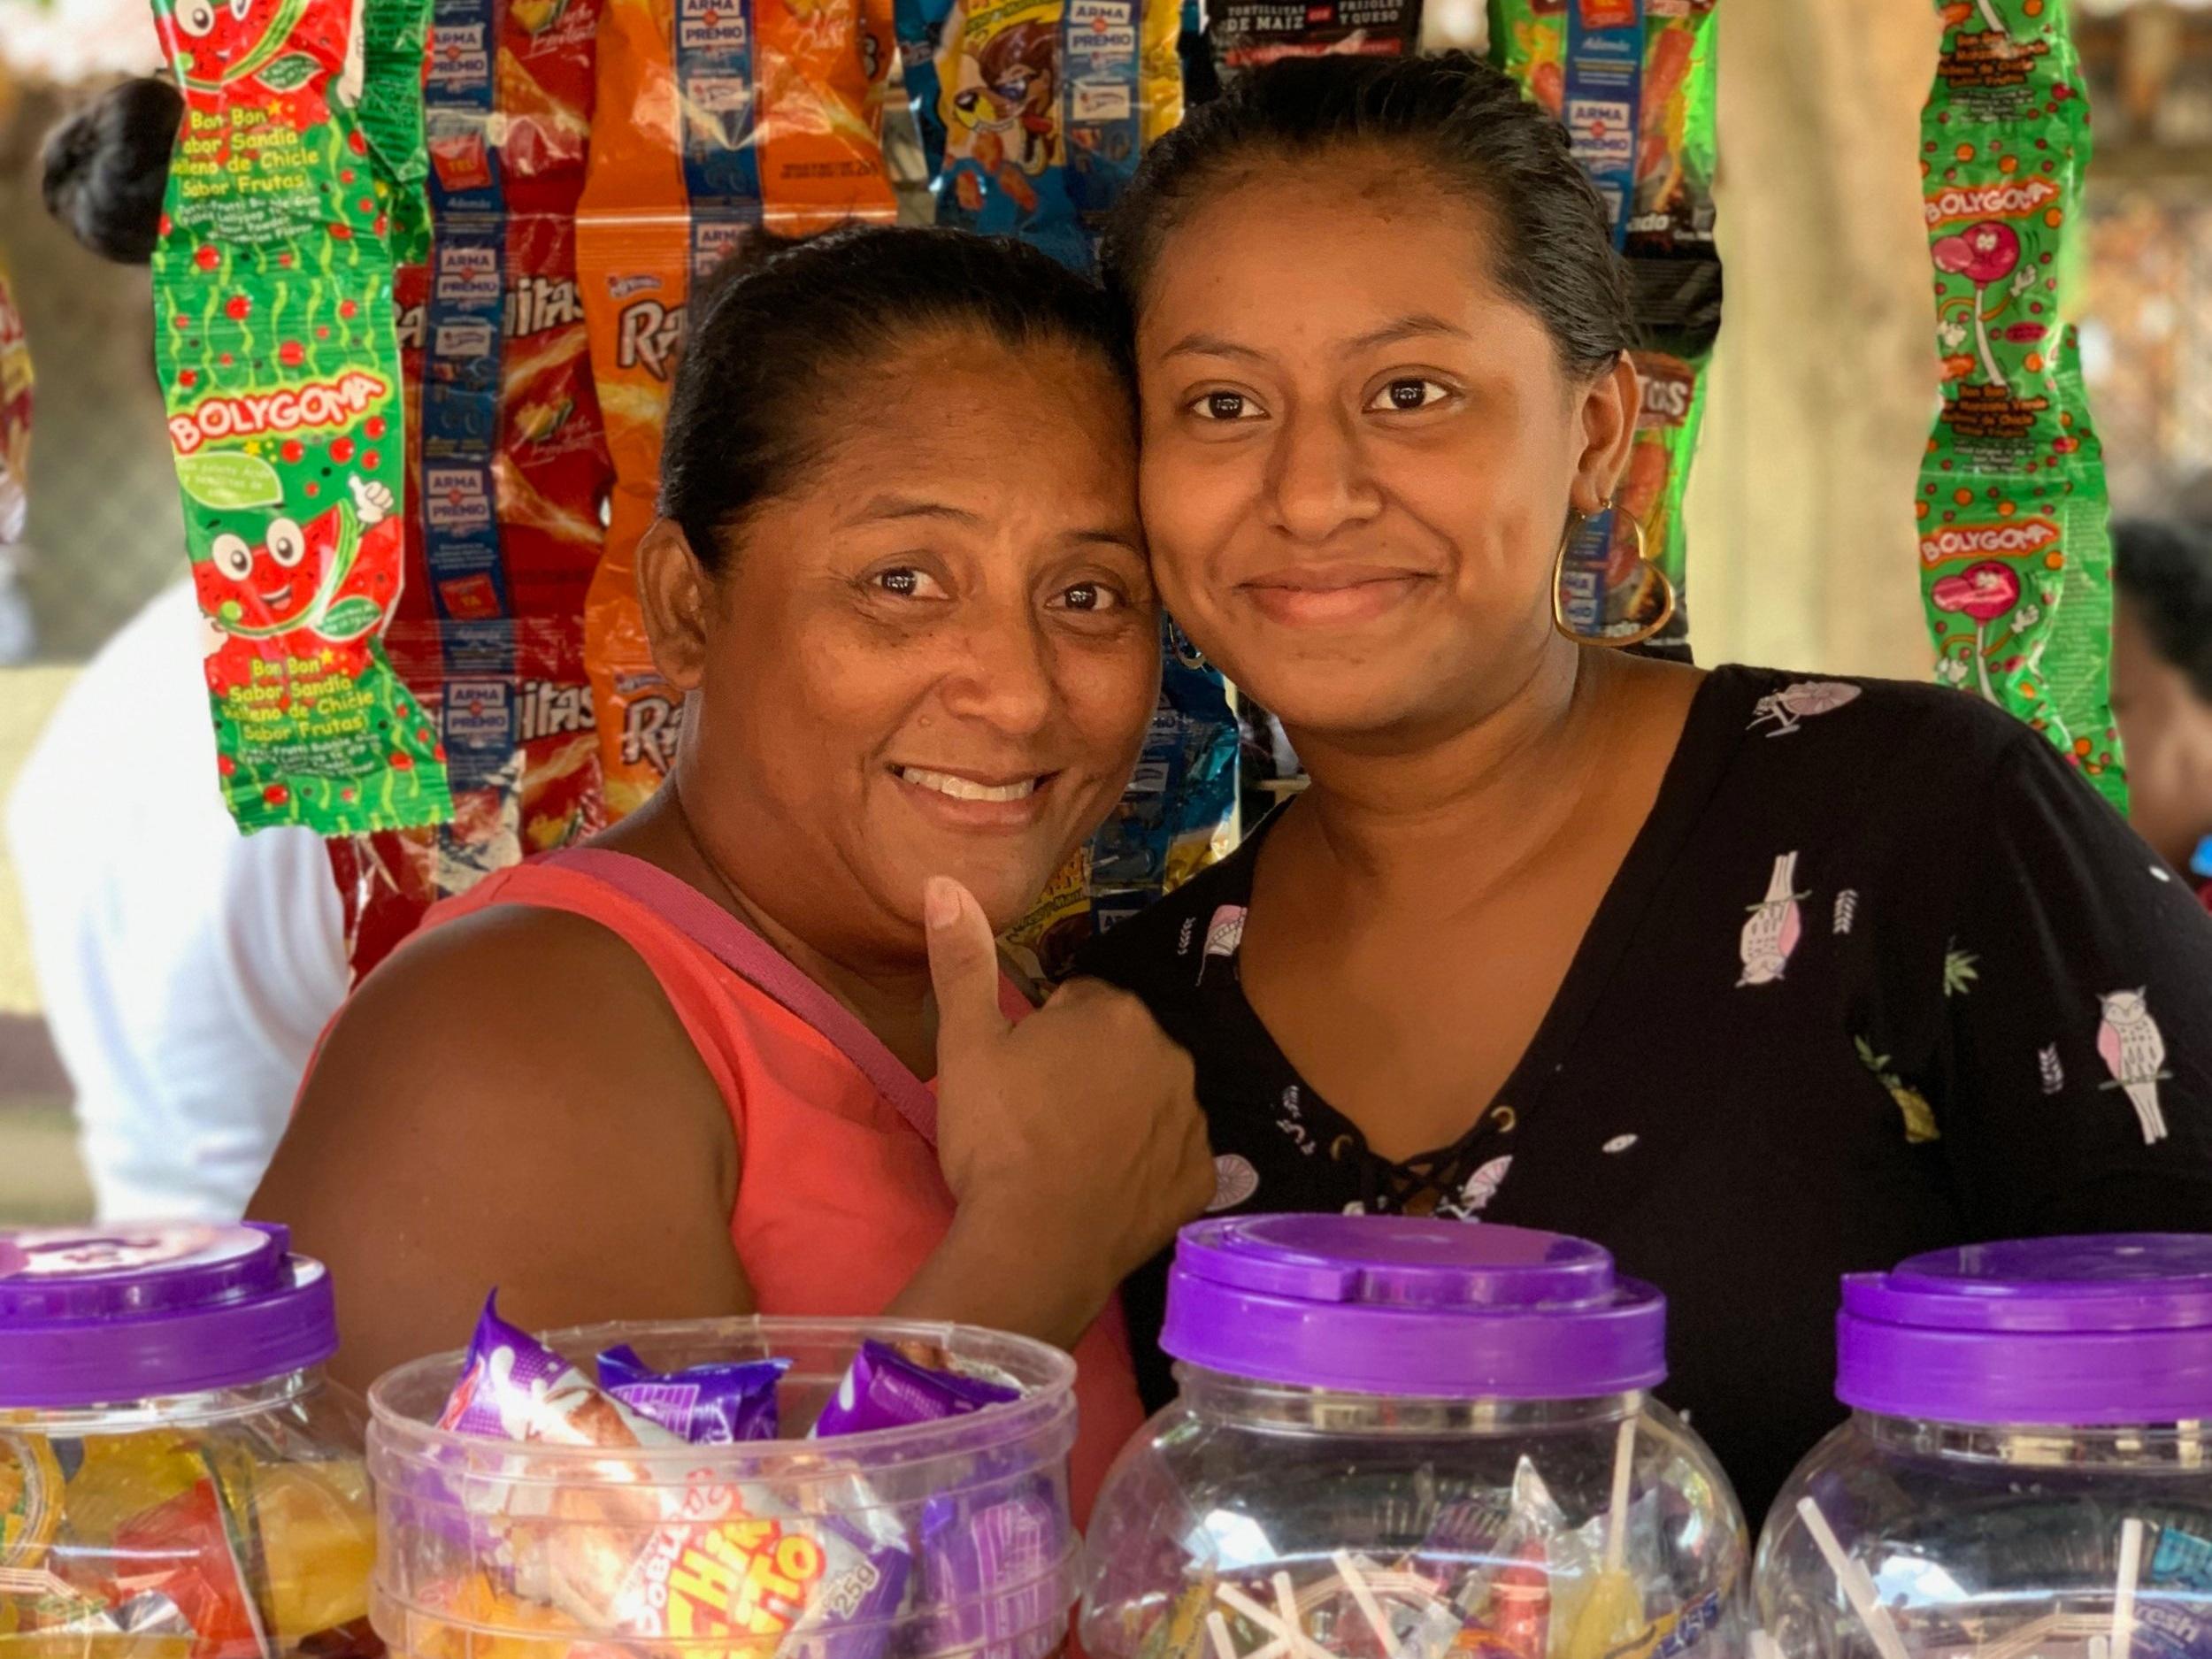 %231+Brenda+Petters+Snack+Kiosk+%2813%29+copy.jpg